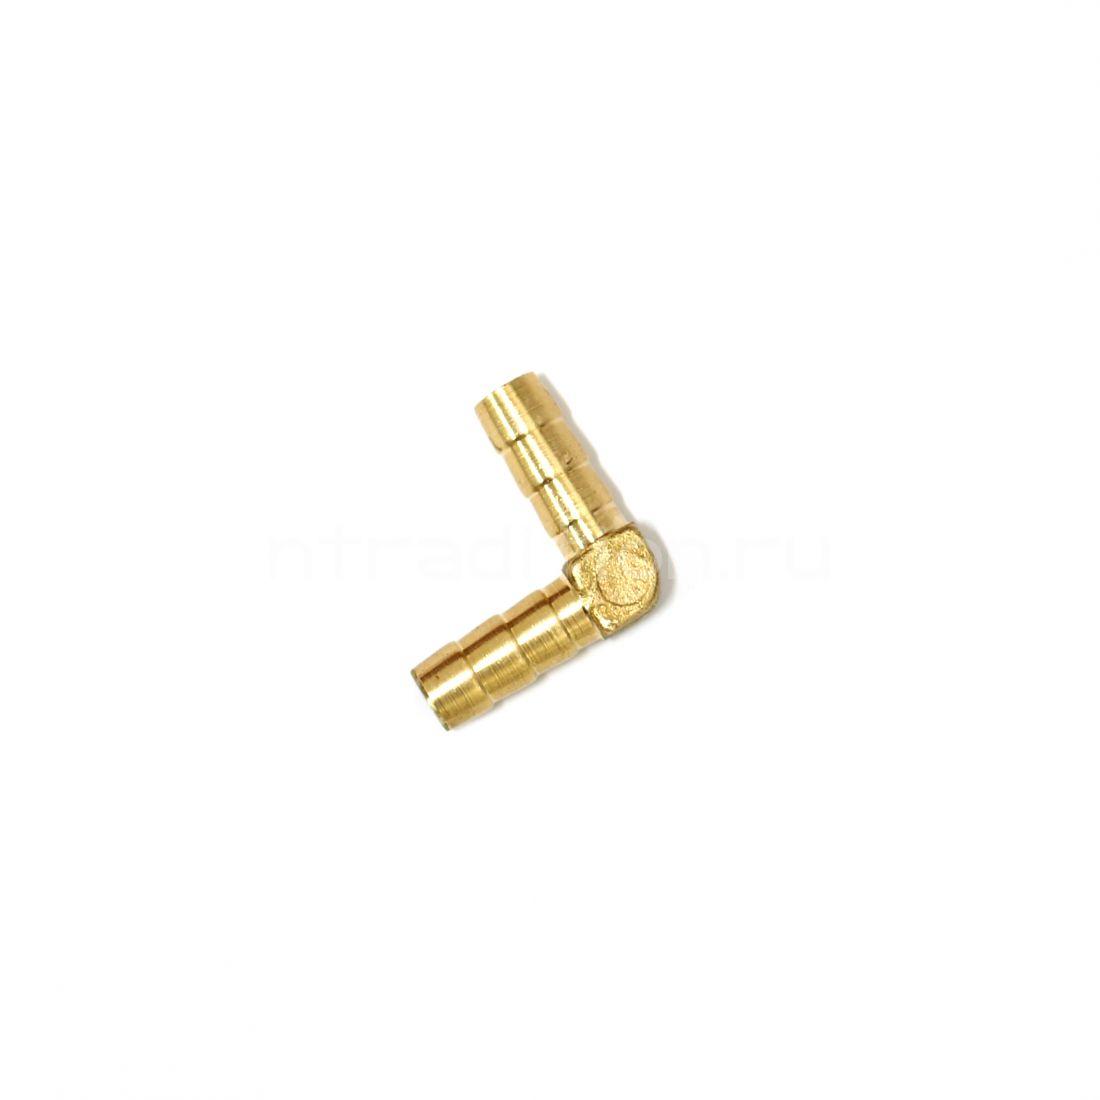 Угол-соединитель, 8-8 мм